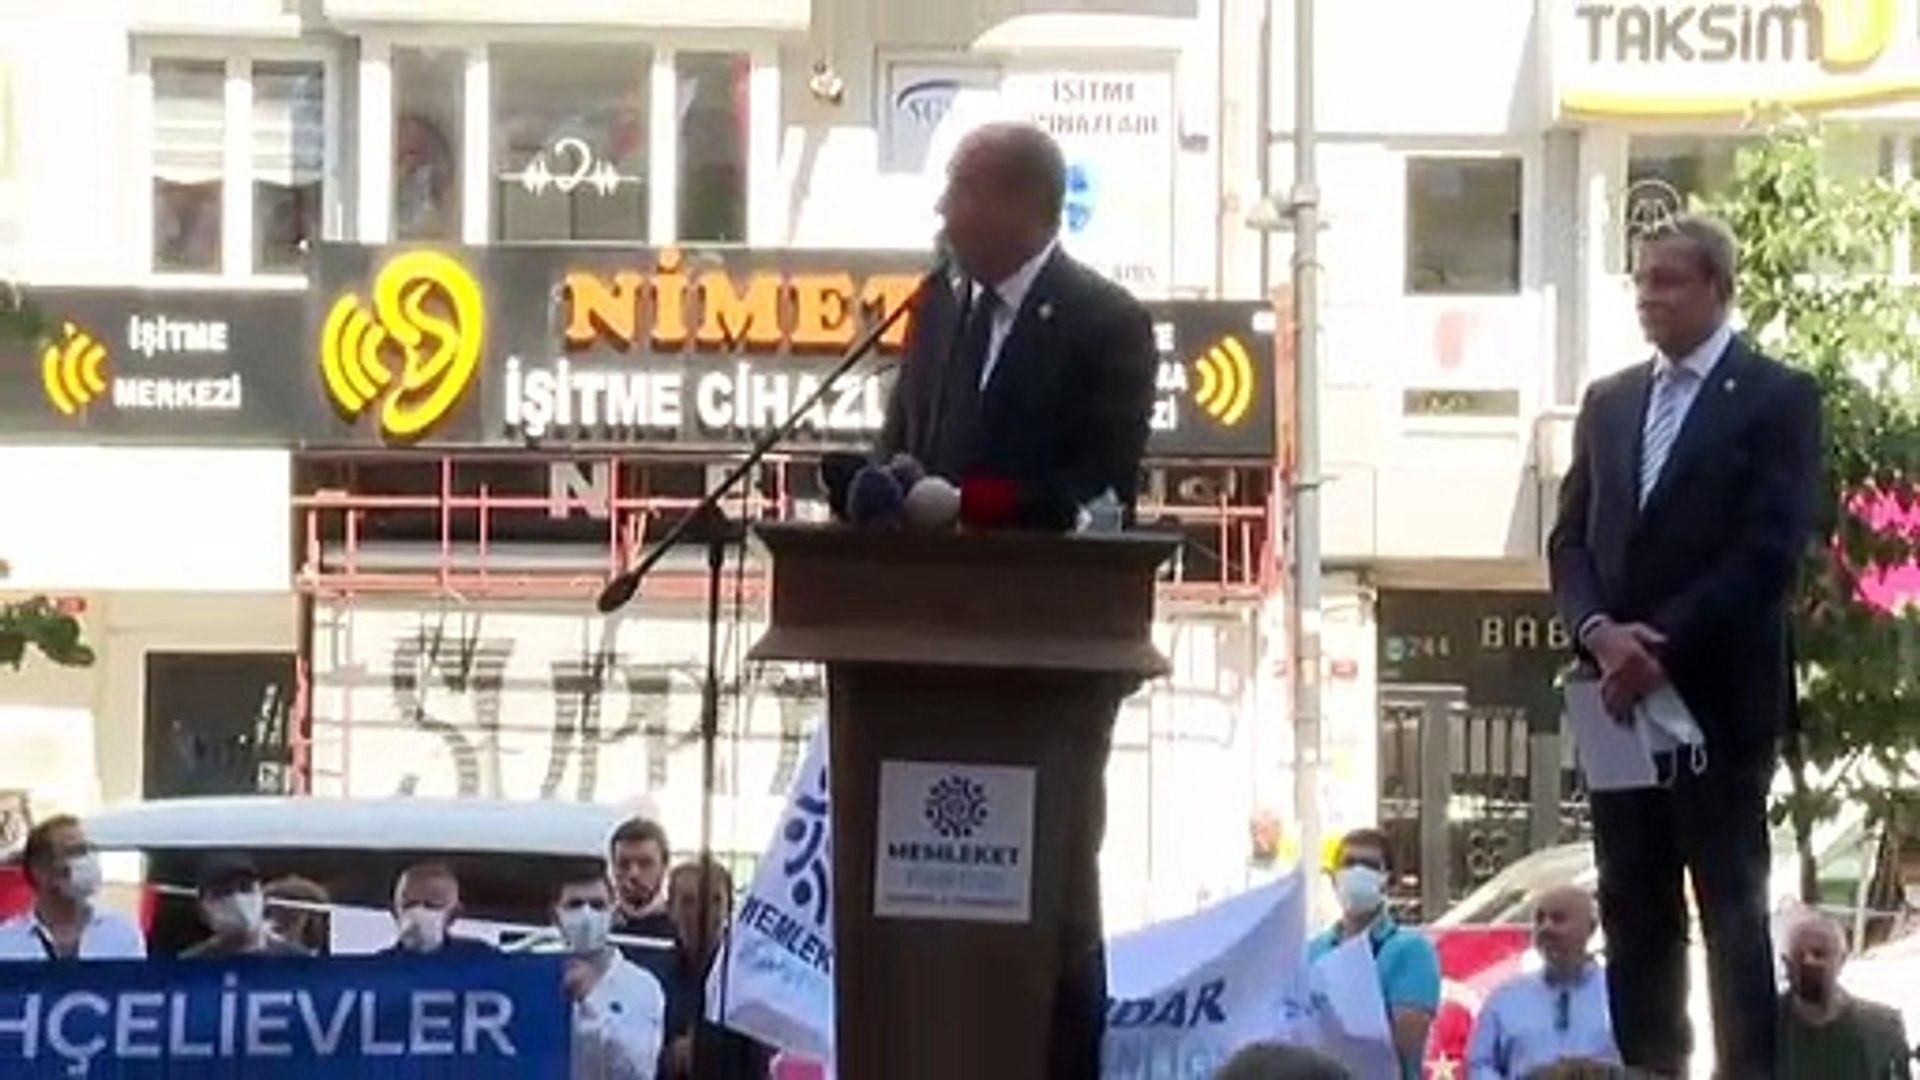 Cumhurbaşkanlığı adaylığını açıklayan İnce'den CHP ve HDP seçmenine sürpriz çağrı